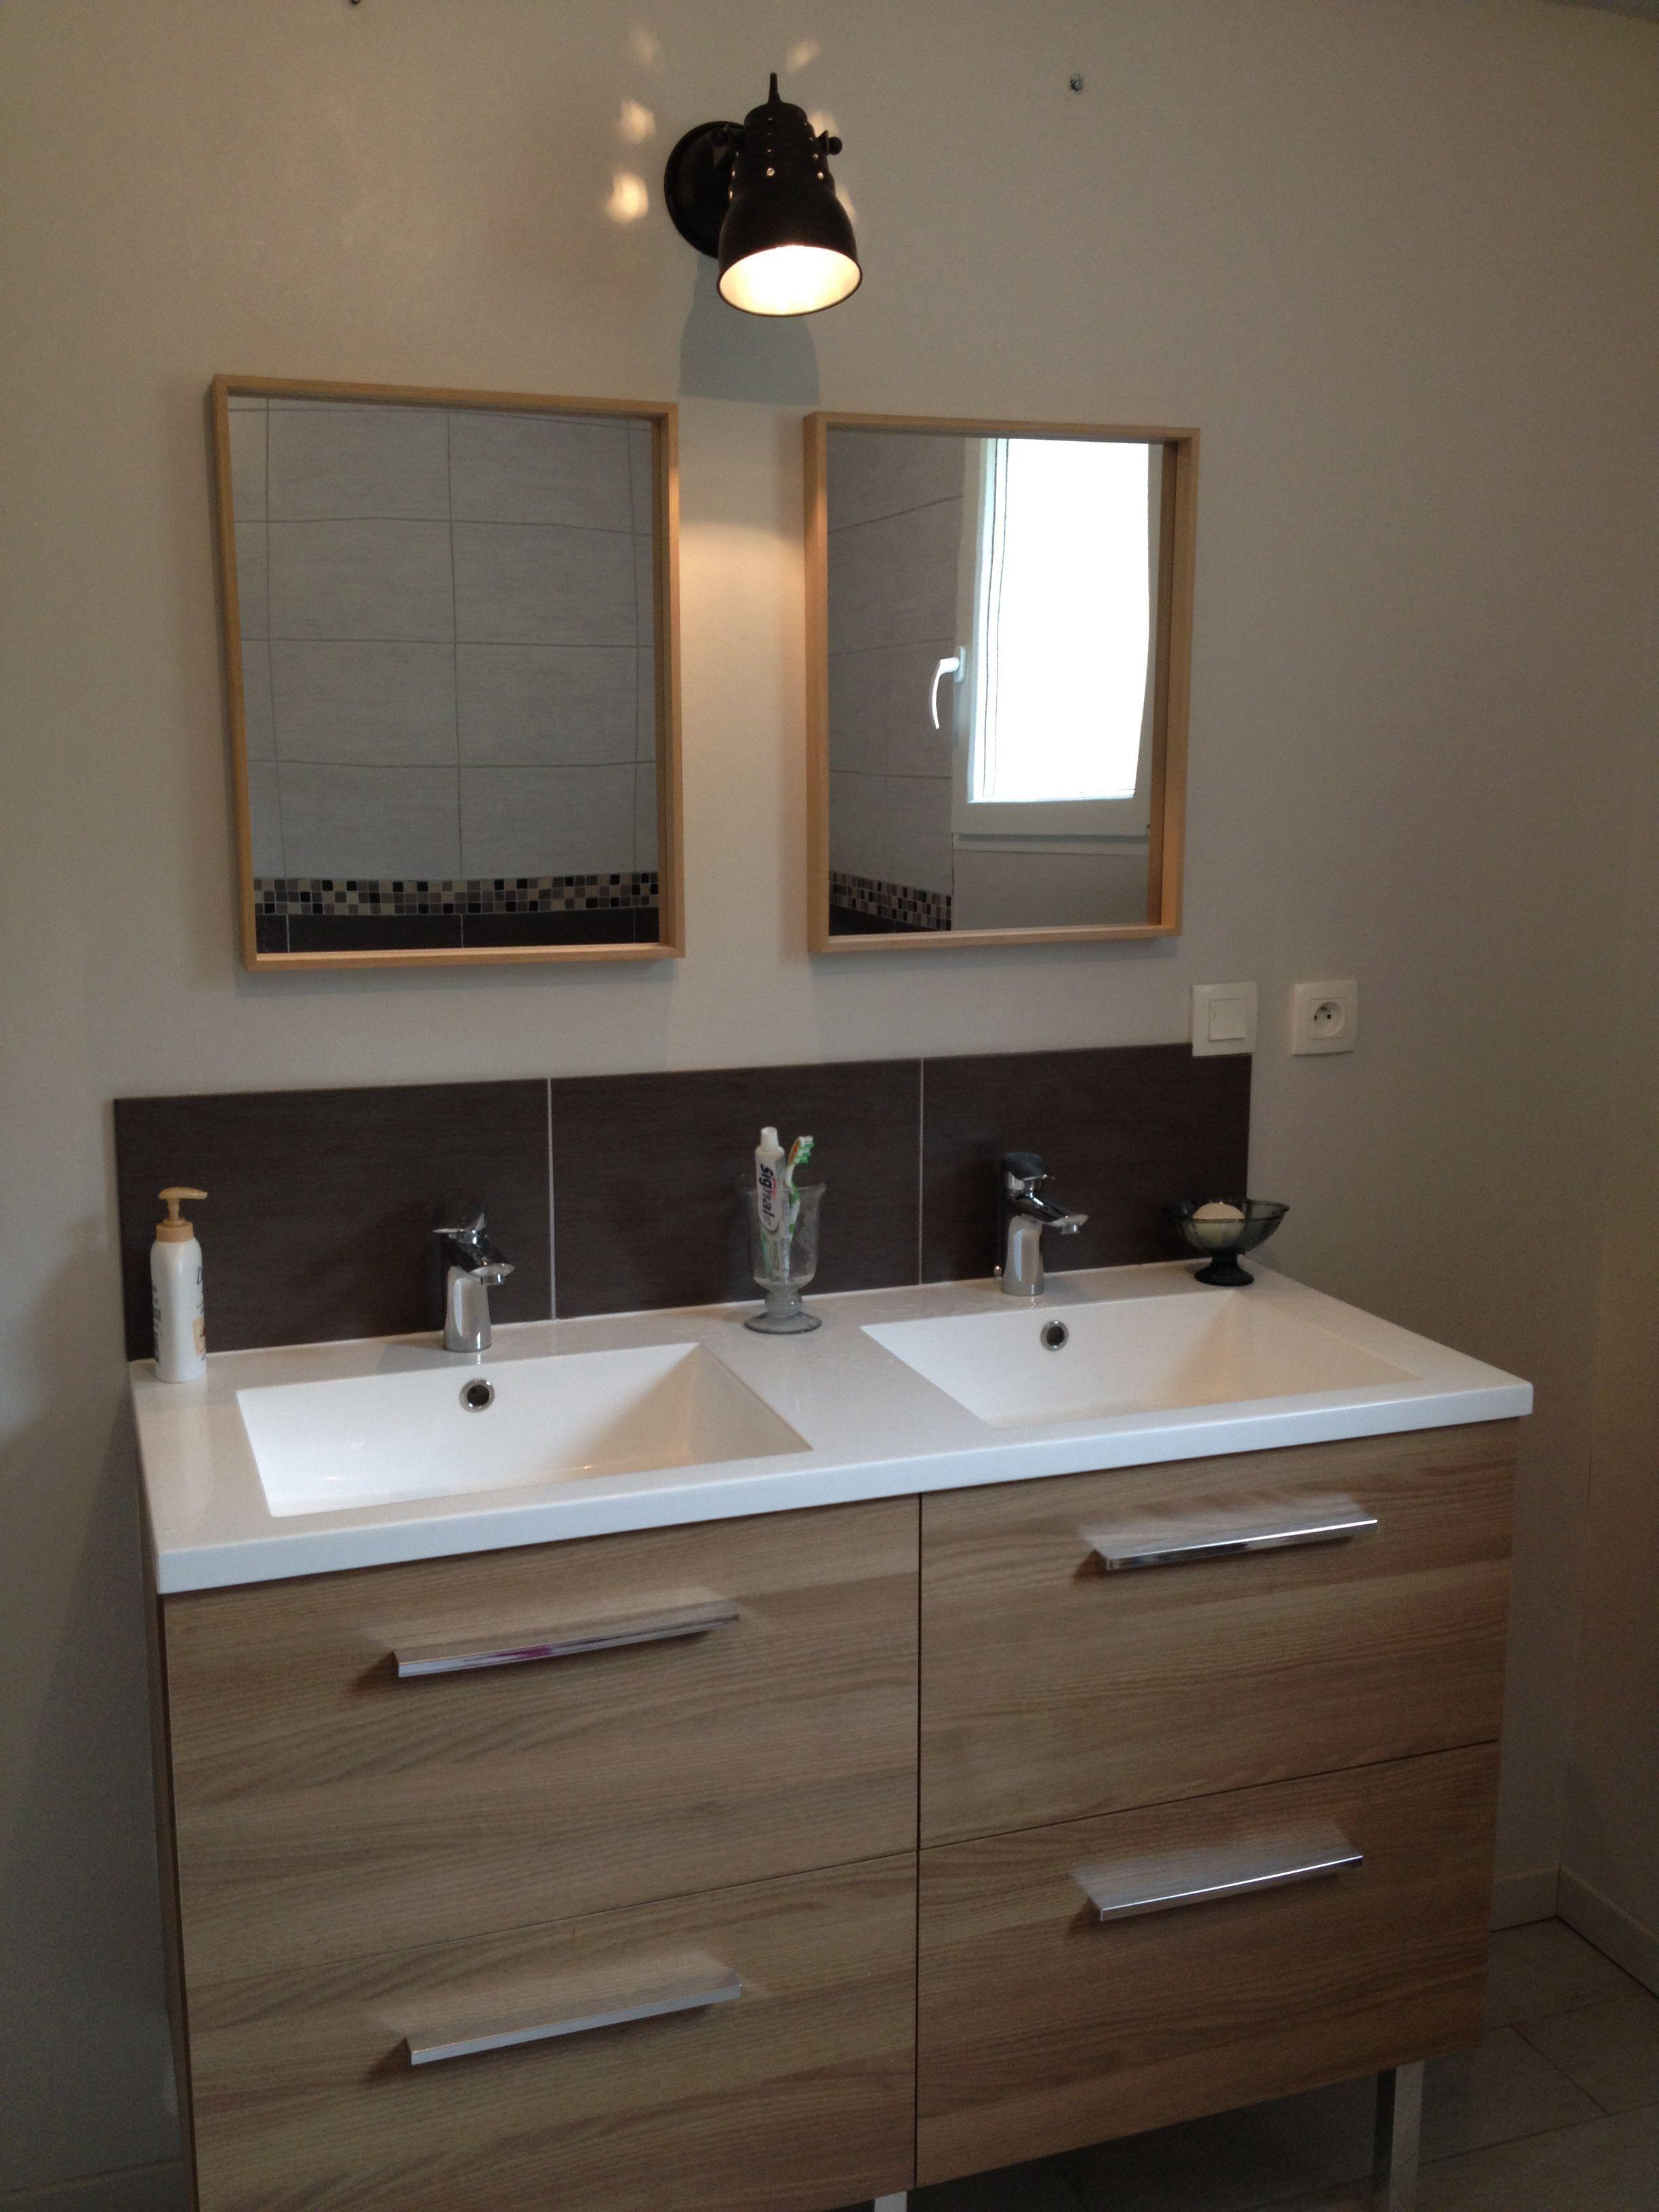 Ambiance simple et chaleureuse pour cette salle de bain avec les ...